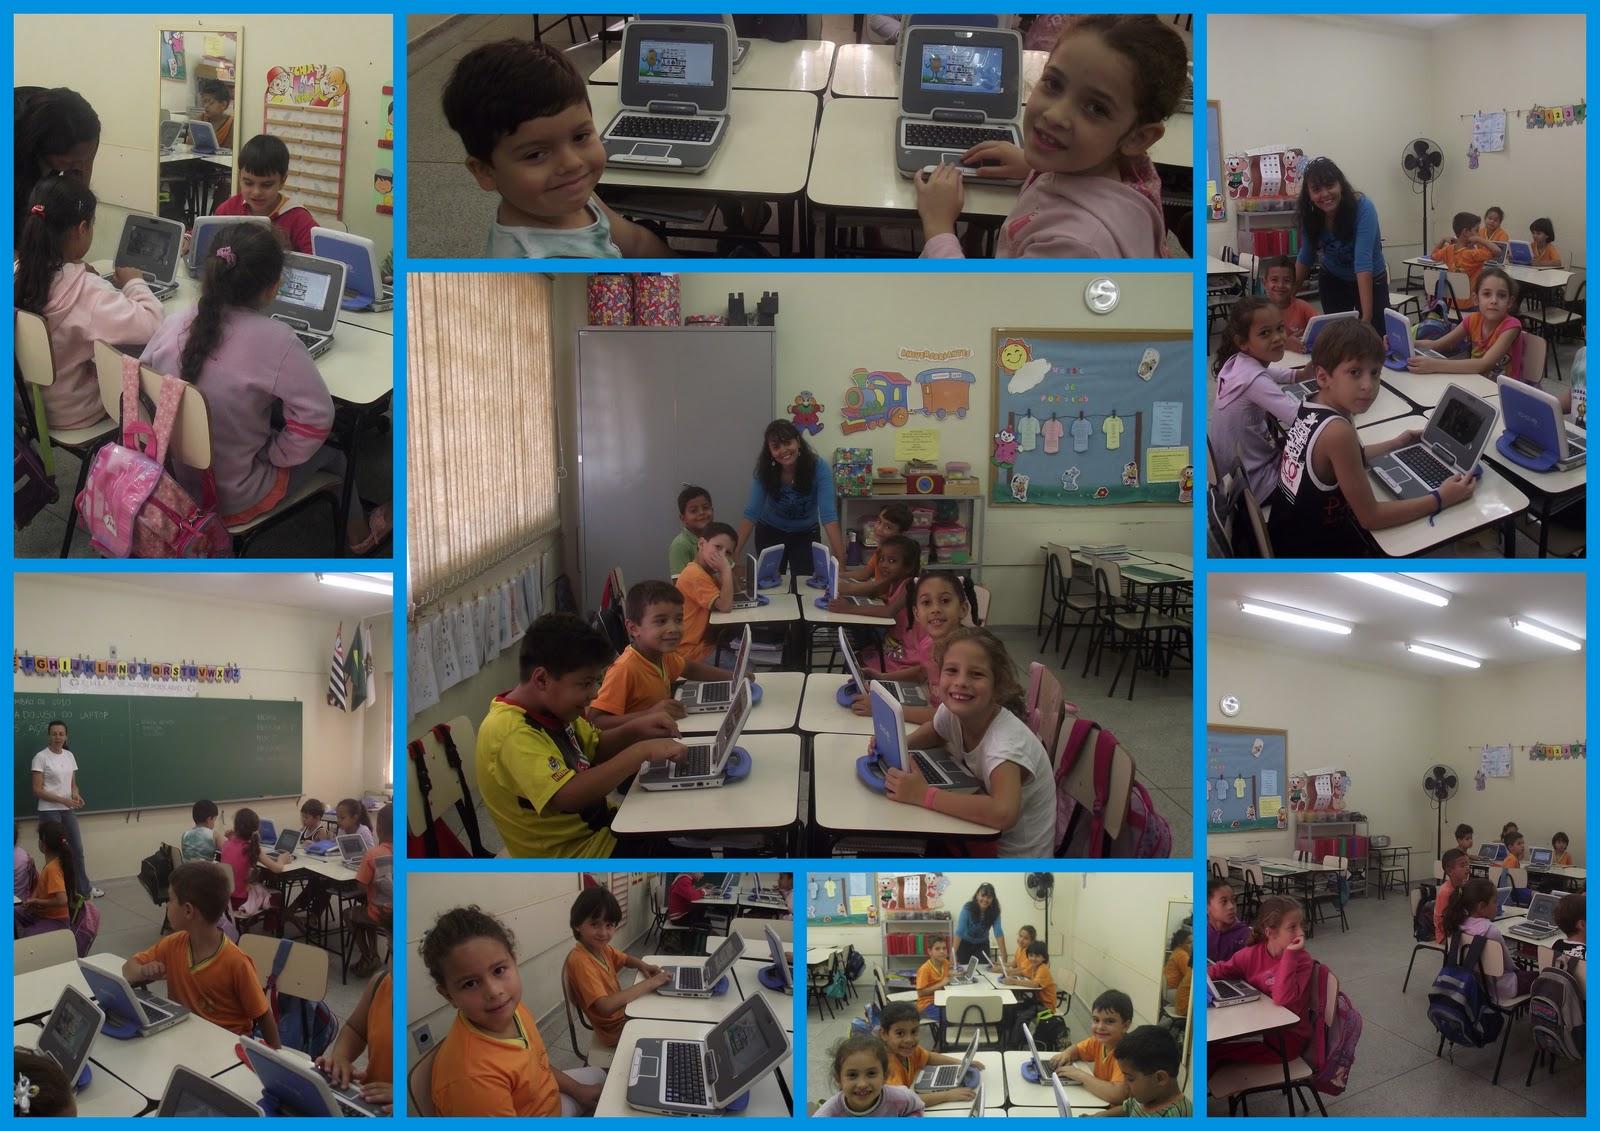 http://2.bp.blogspot.com/_PgEe67GN320/TOMXB-p7ekI/AAAAAAAAA6c/Bt1shH1Bkso/s1600/Atualizados+recentemente22.jpg